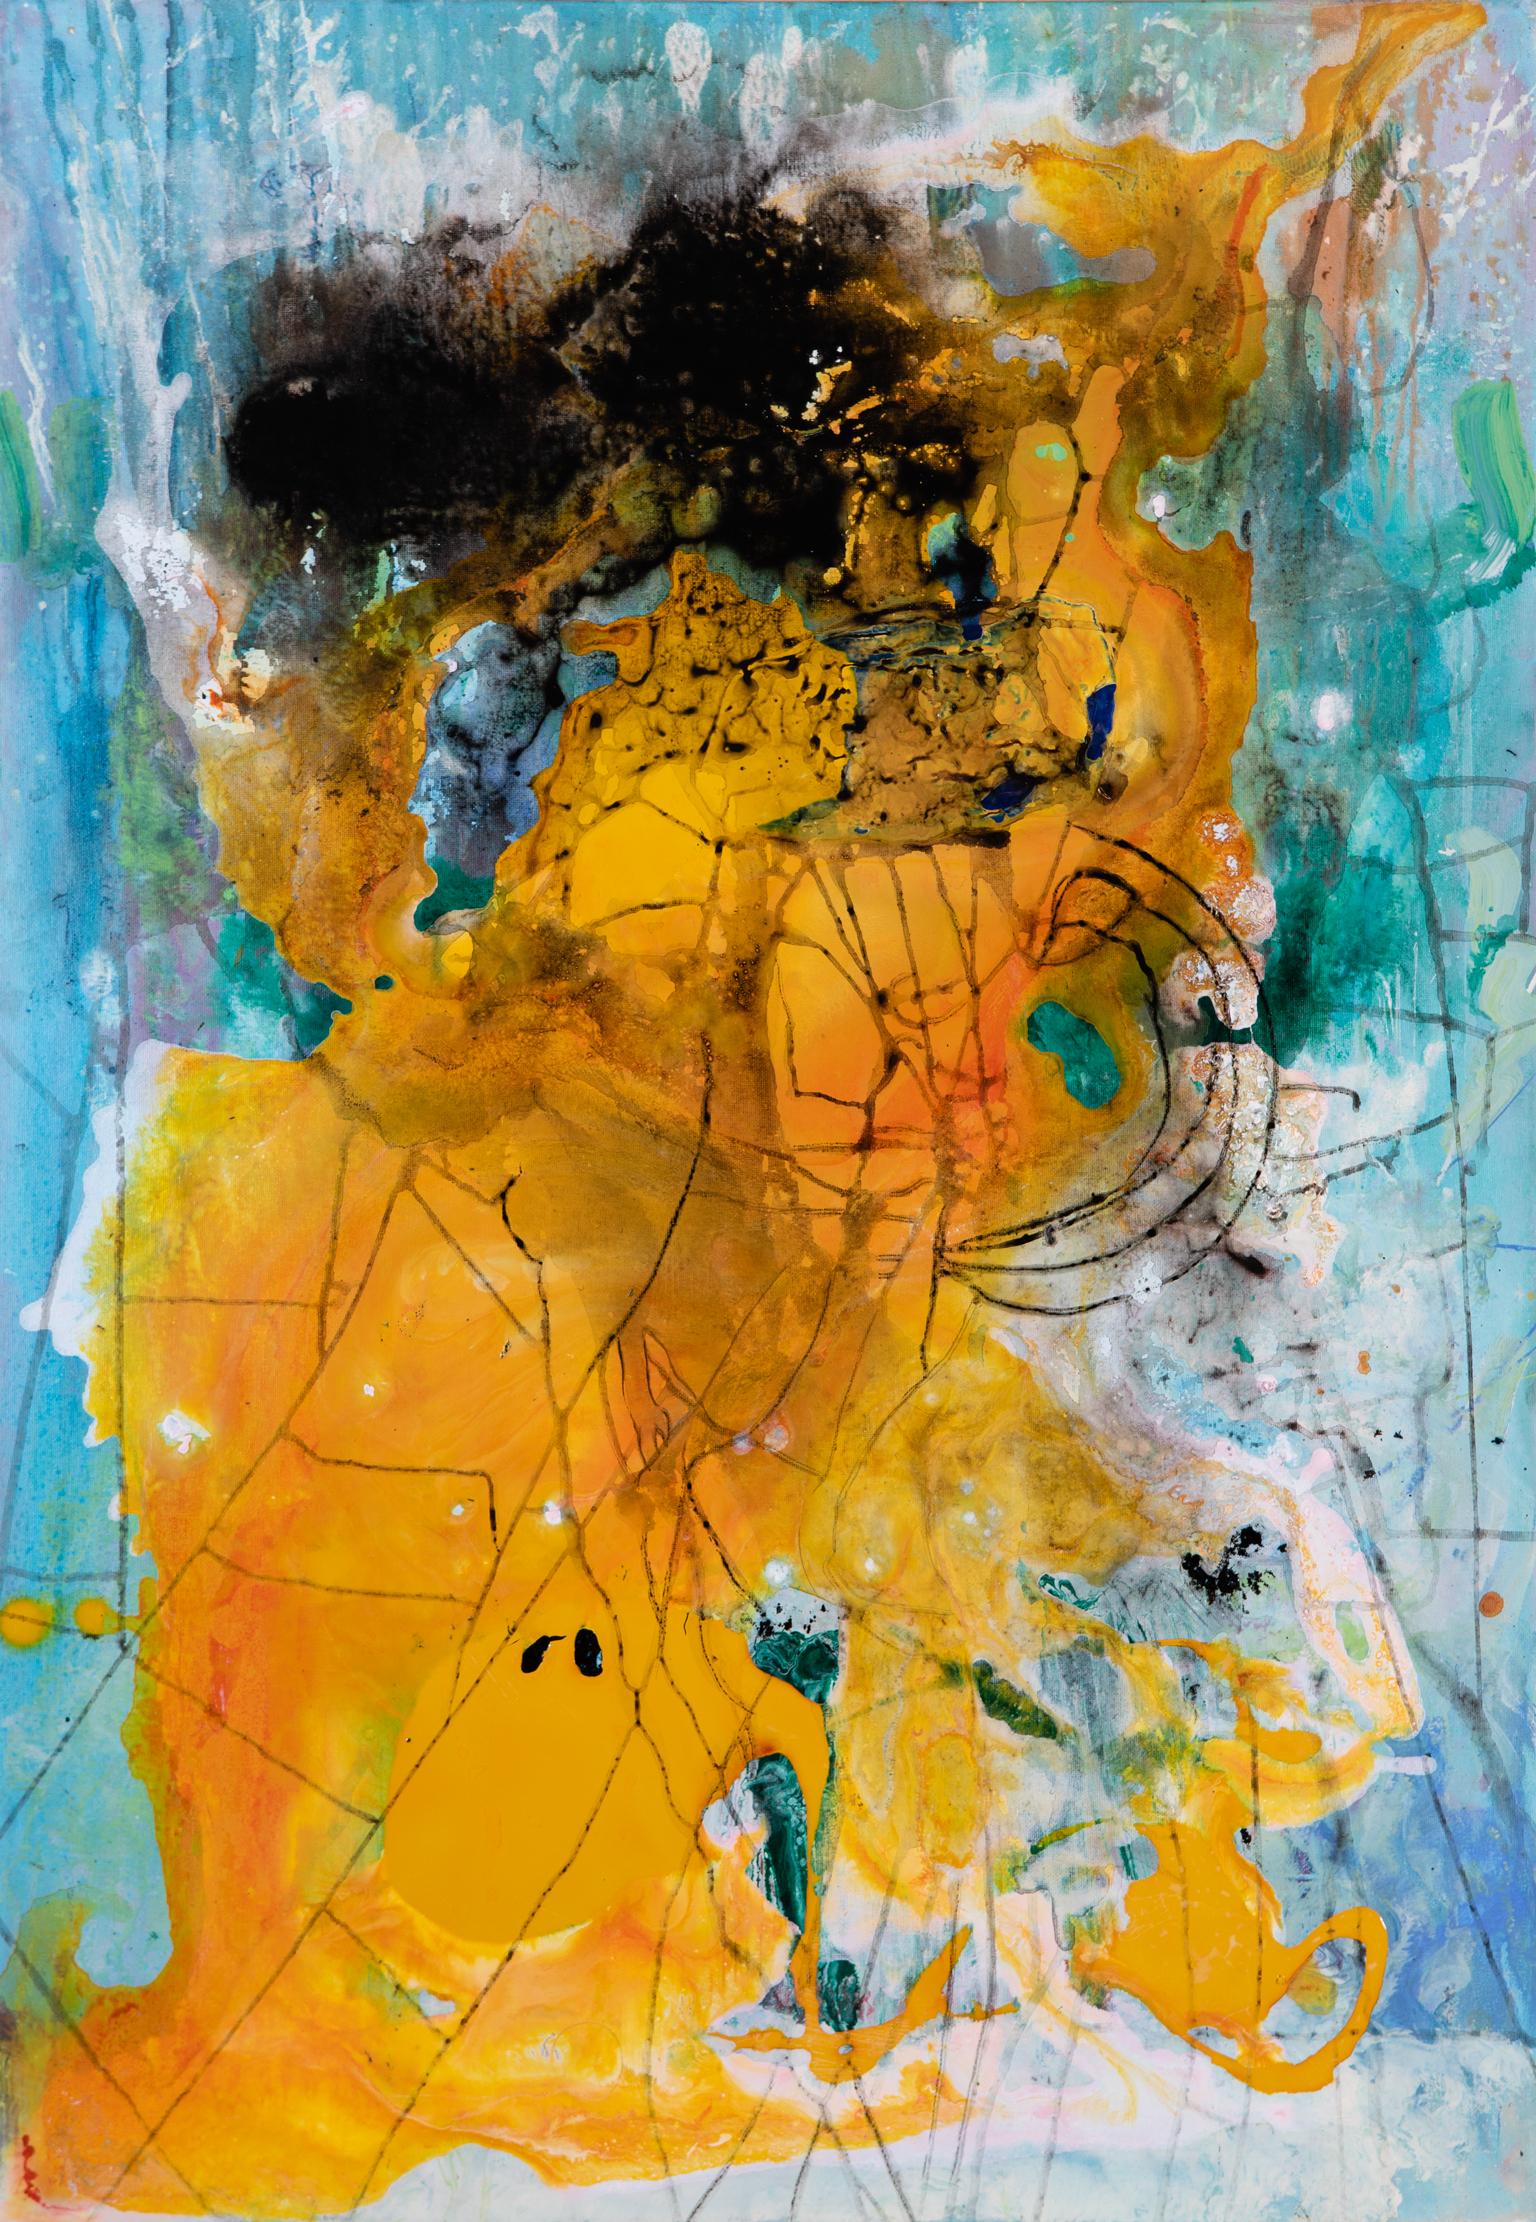 Spinnennetz - Acryl auf Leinwand100 x 80 cm